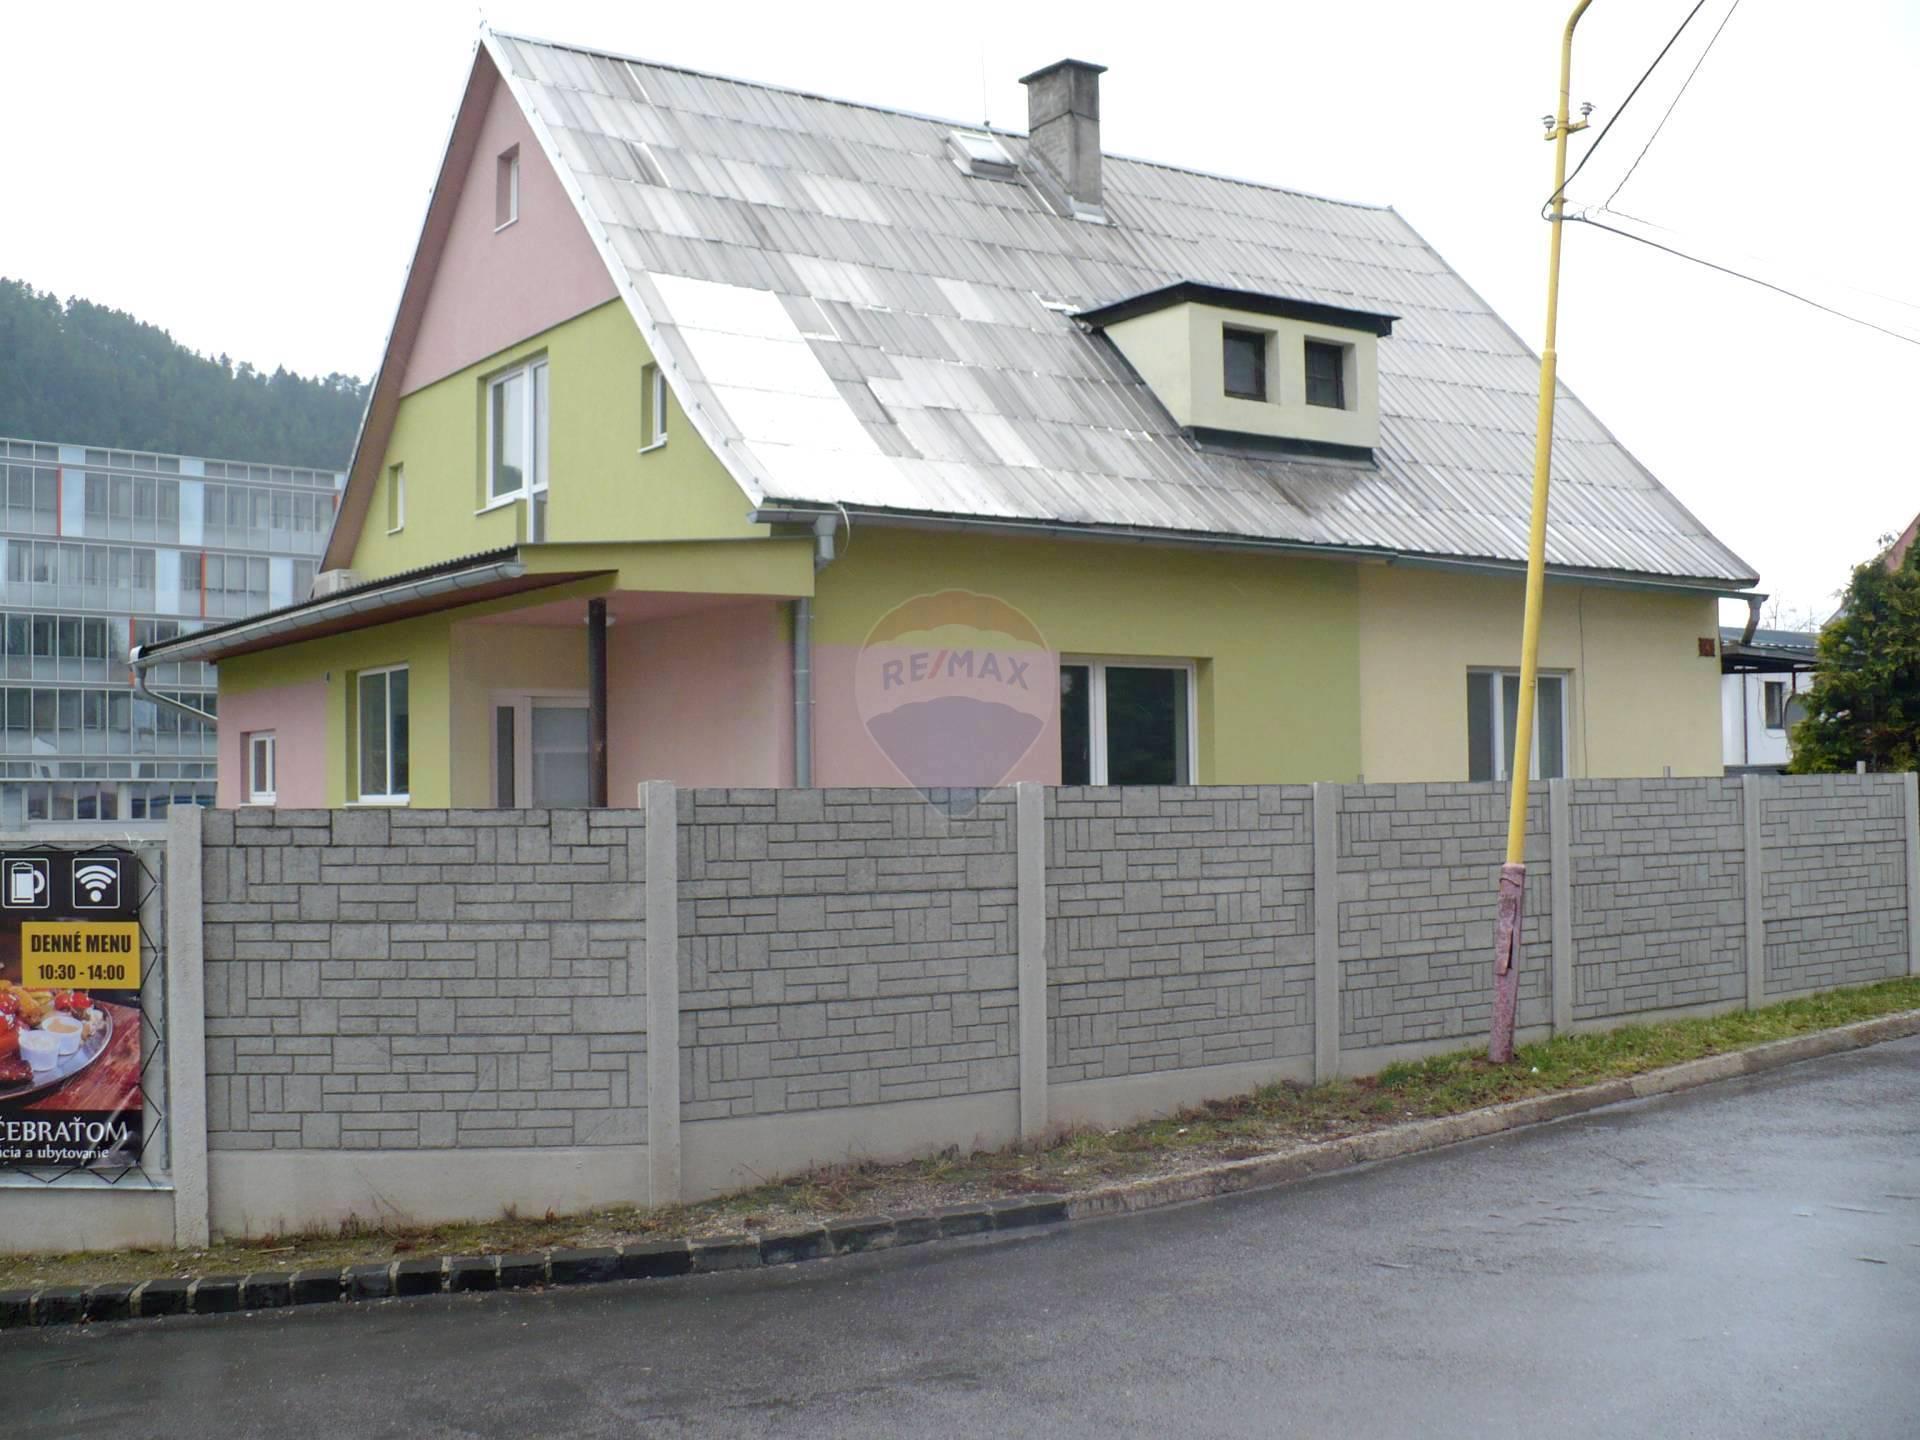 Prenájom domu 70 m2,Ružomberok